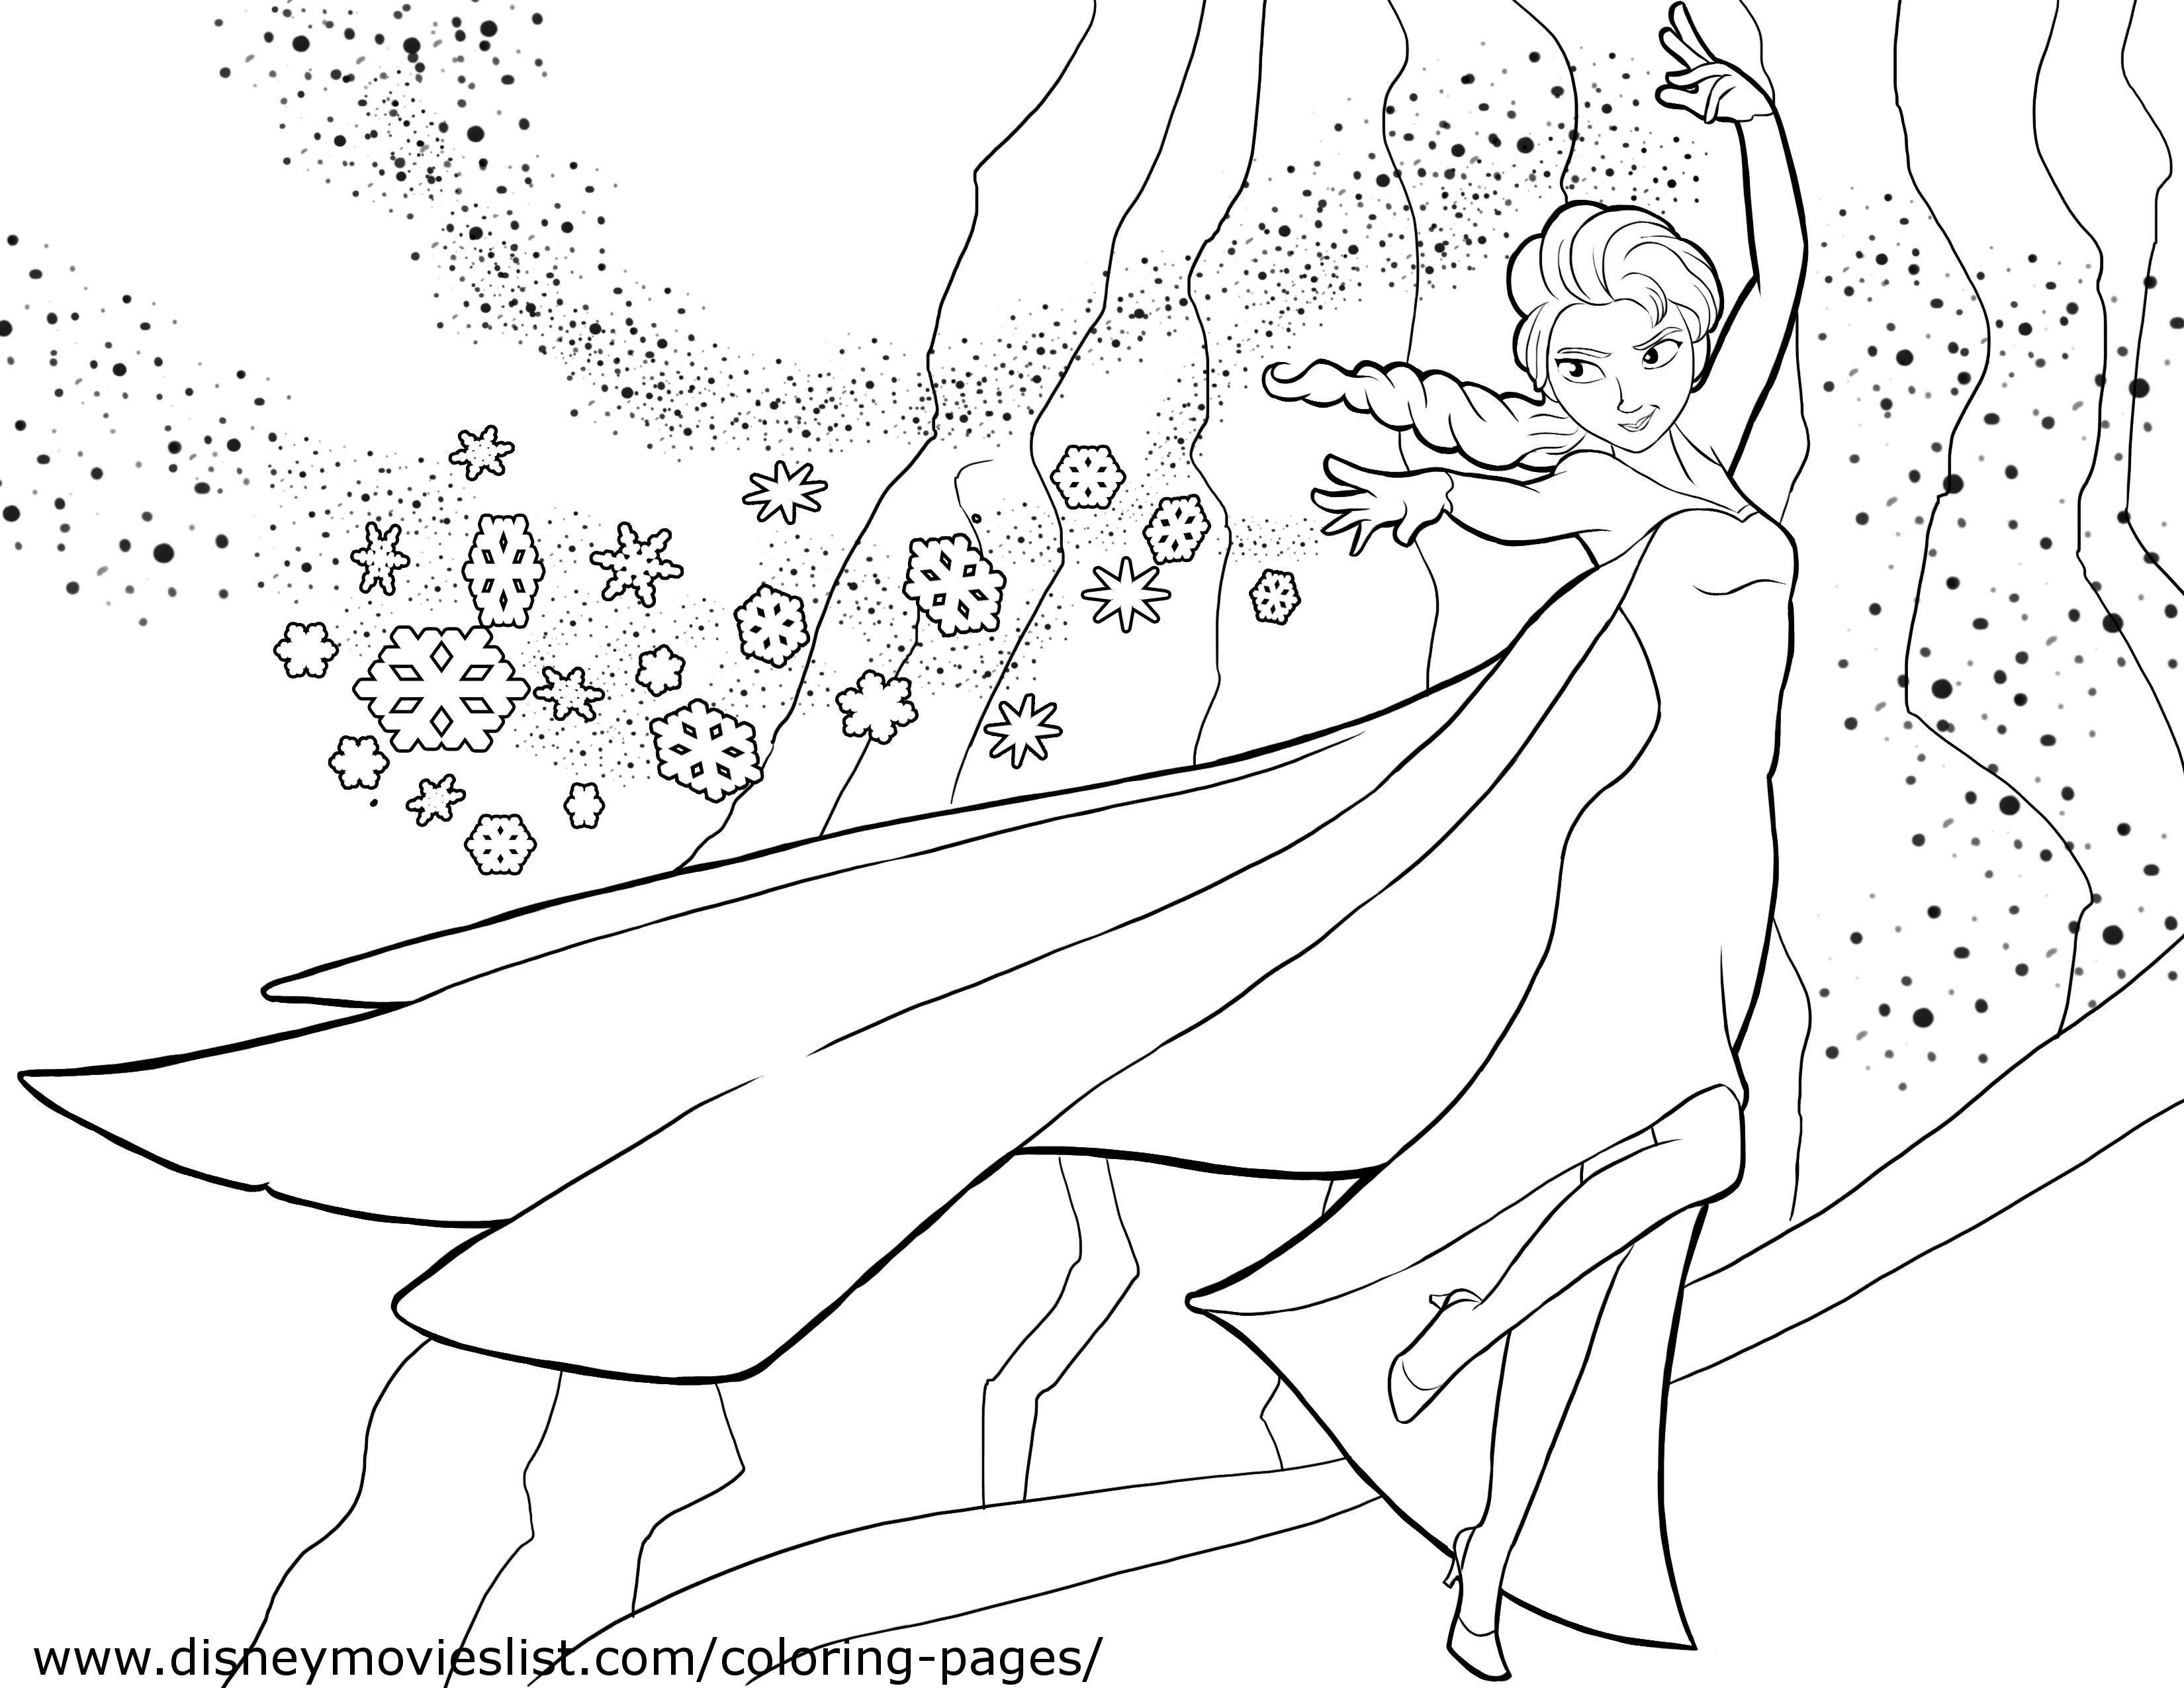 3300x2550 Frozen Elsa Colouring Pictures Disney's Frozen Elsa Coloring Page